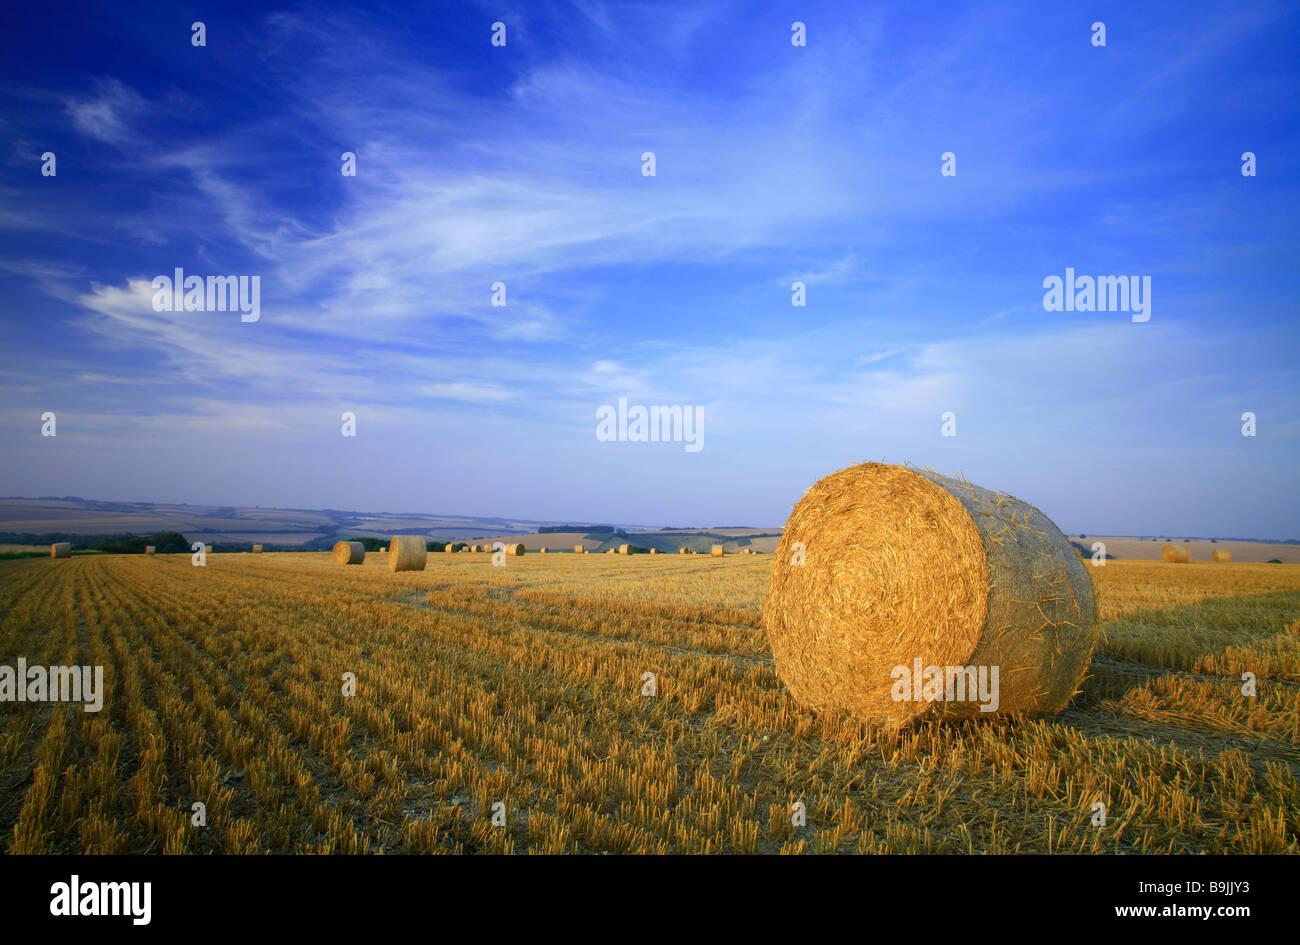 Une botte de paille dans un champ de chaumes après la récolte avec ciel bleu et nuages d'été Photo Stock